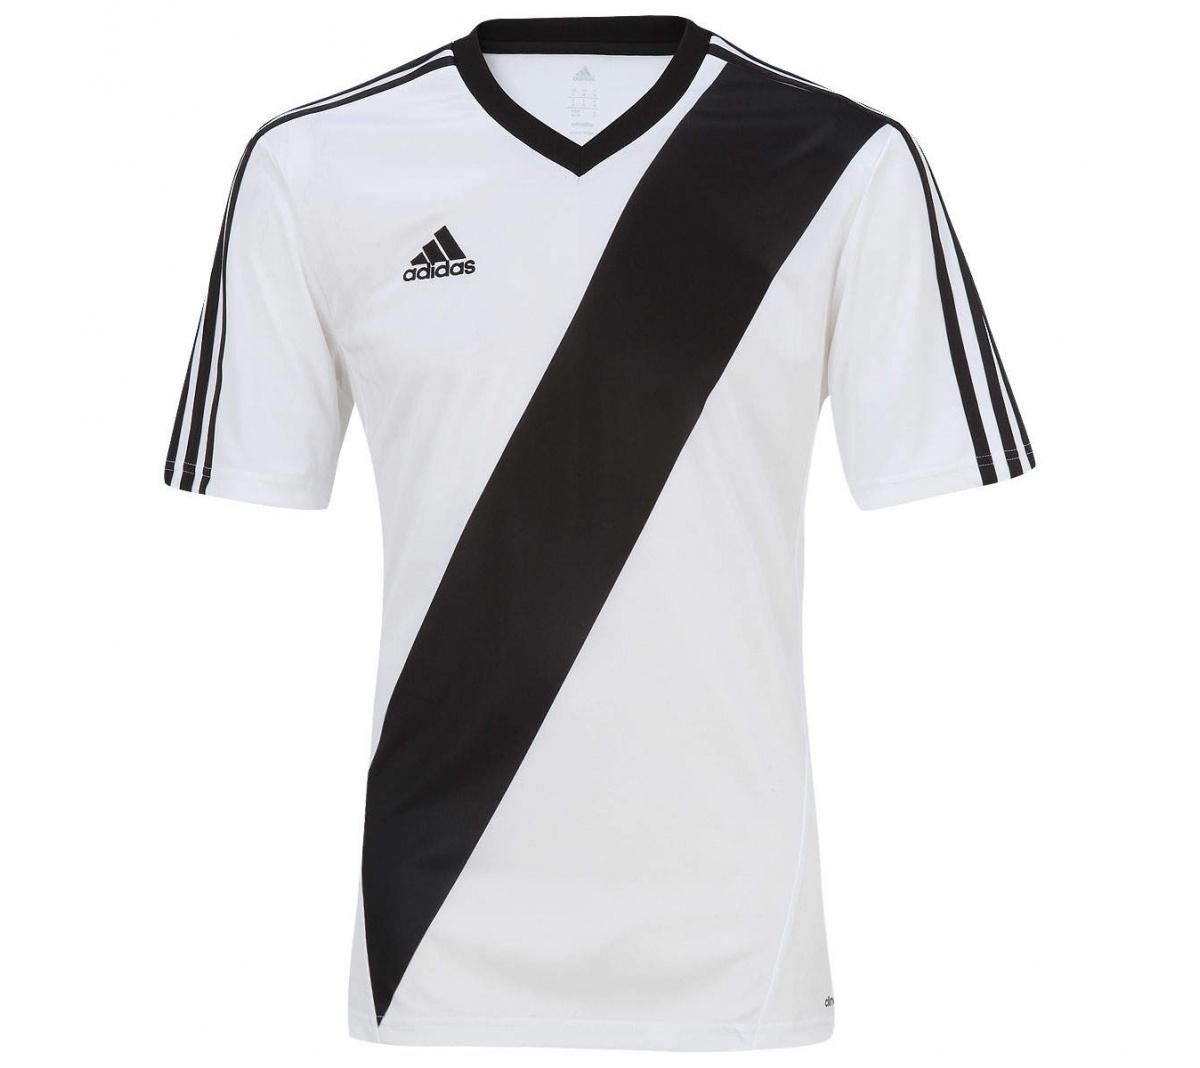 Camisa Adidas Inspired Estro 13 Azul e Preta - Mundo do Futebol 9a4294143f265